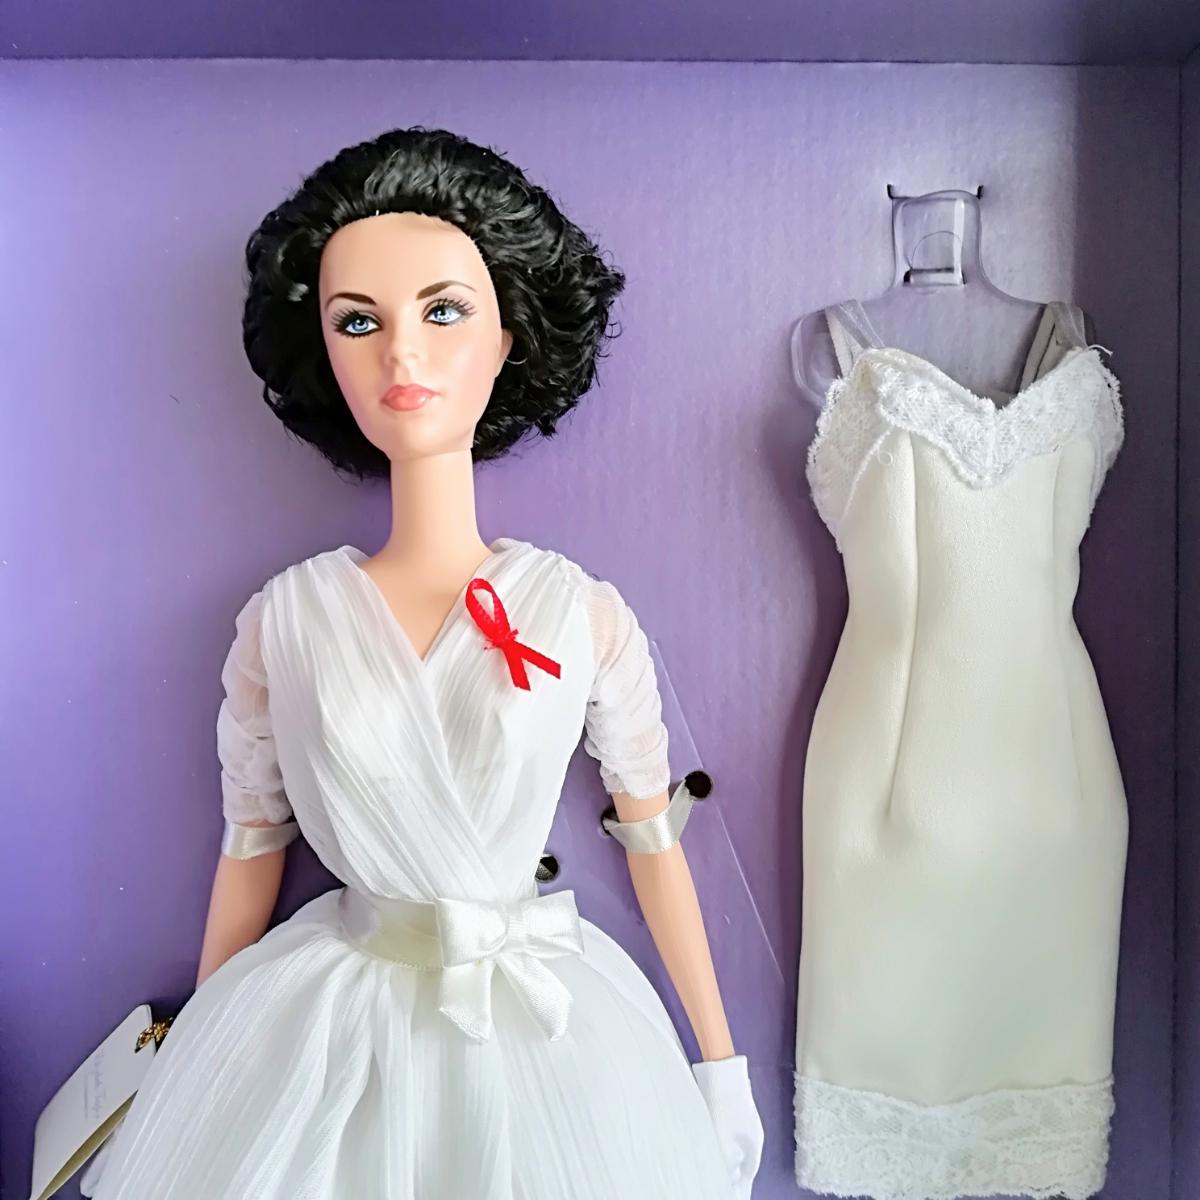 バービー人形 ホワイトダイヤモンド ゴールドラベル エリザベス・テイラー 女優 barbie collector gold label elizabeth taylor _画像2